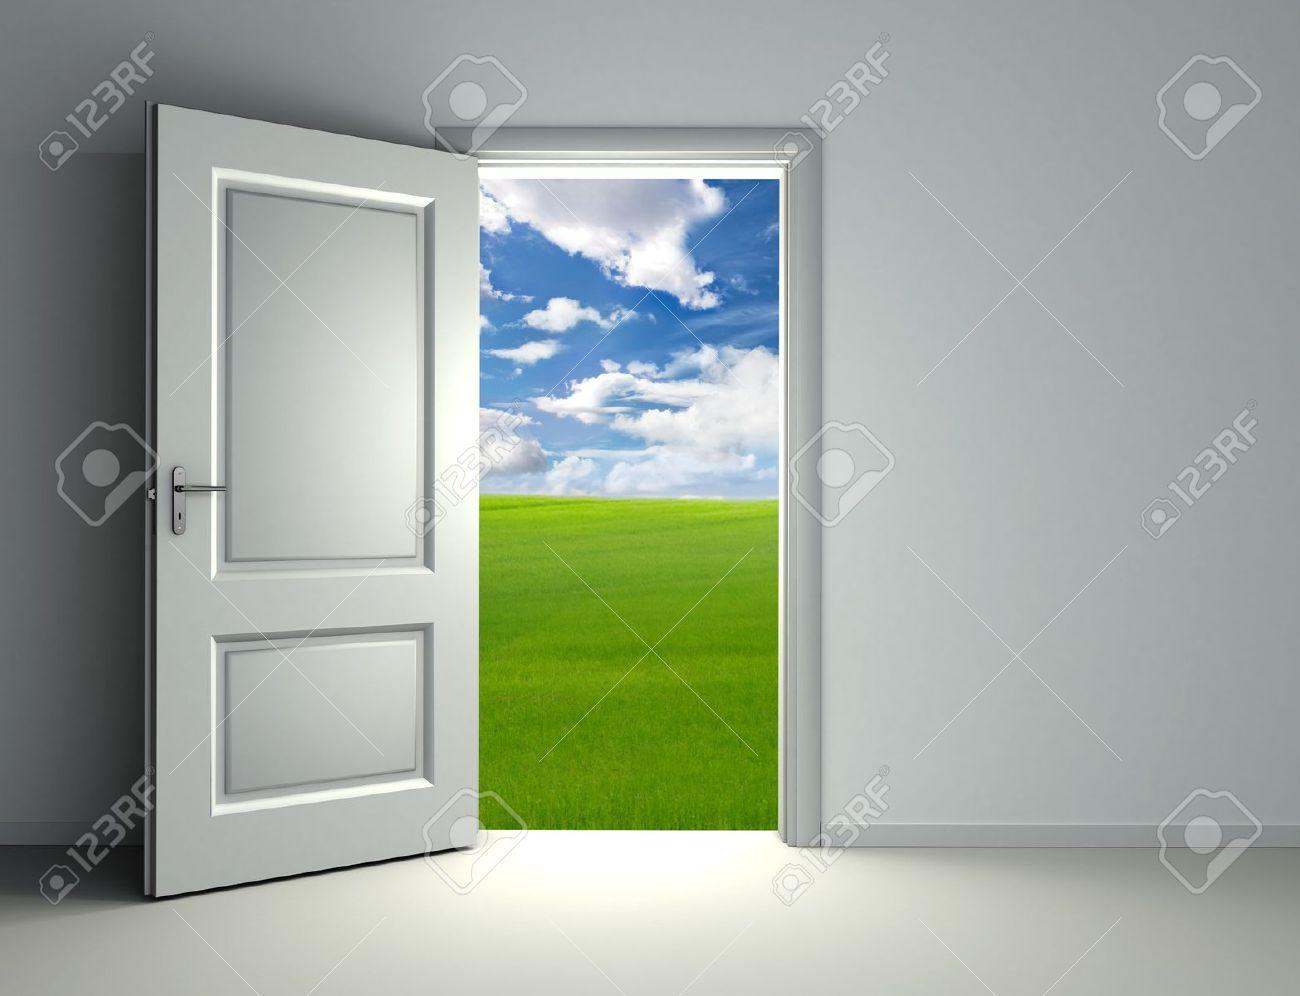 Open front door from inside - Open The Door White Open Door Inside Empty Room With View To Green Field And